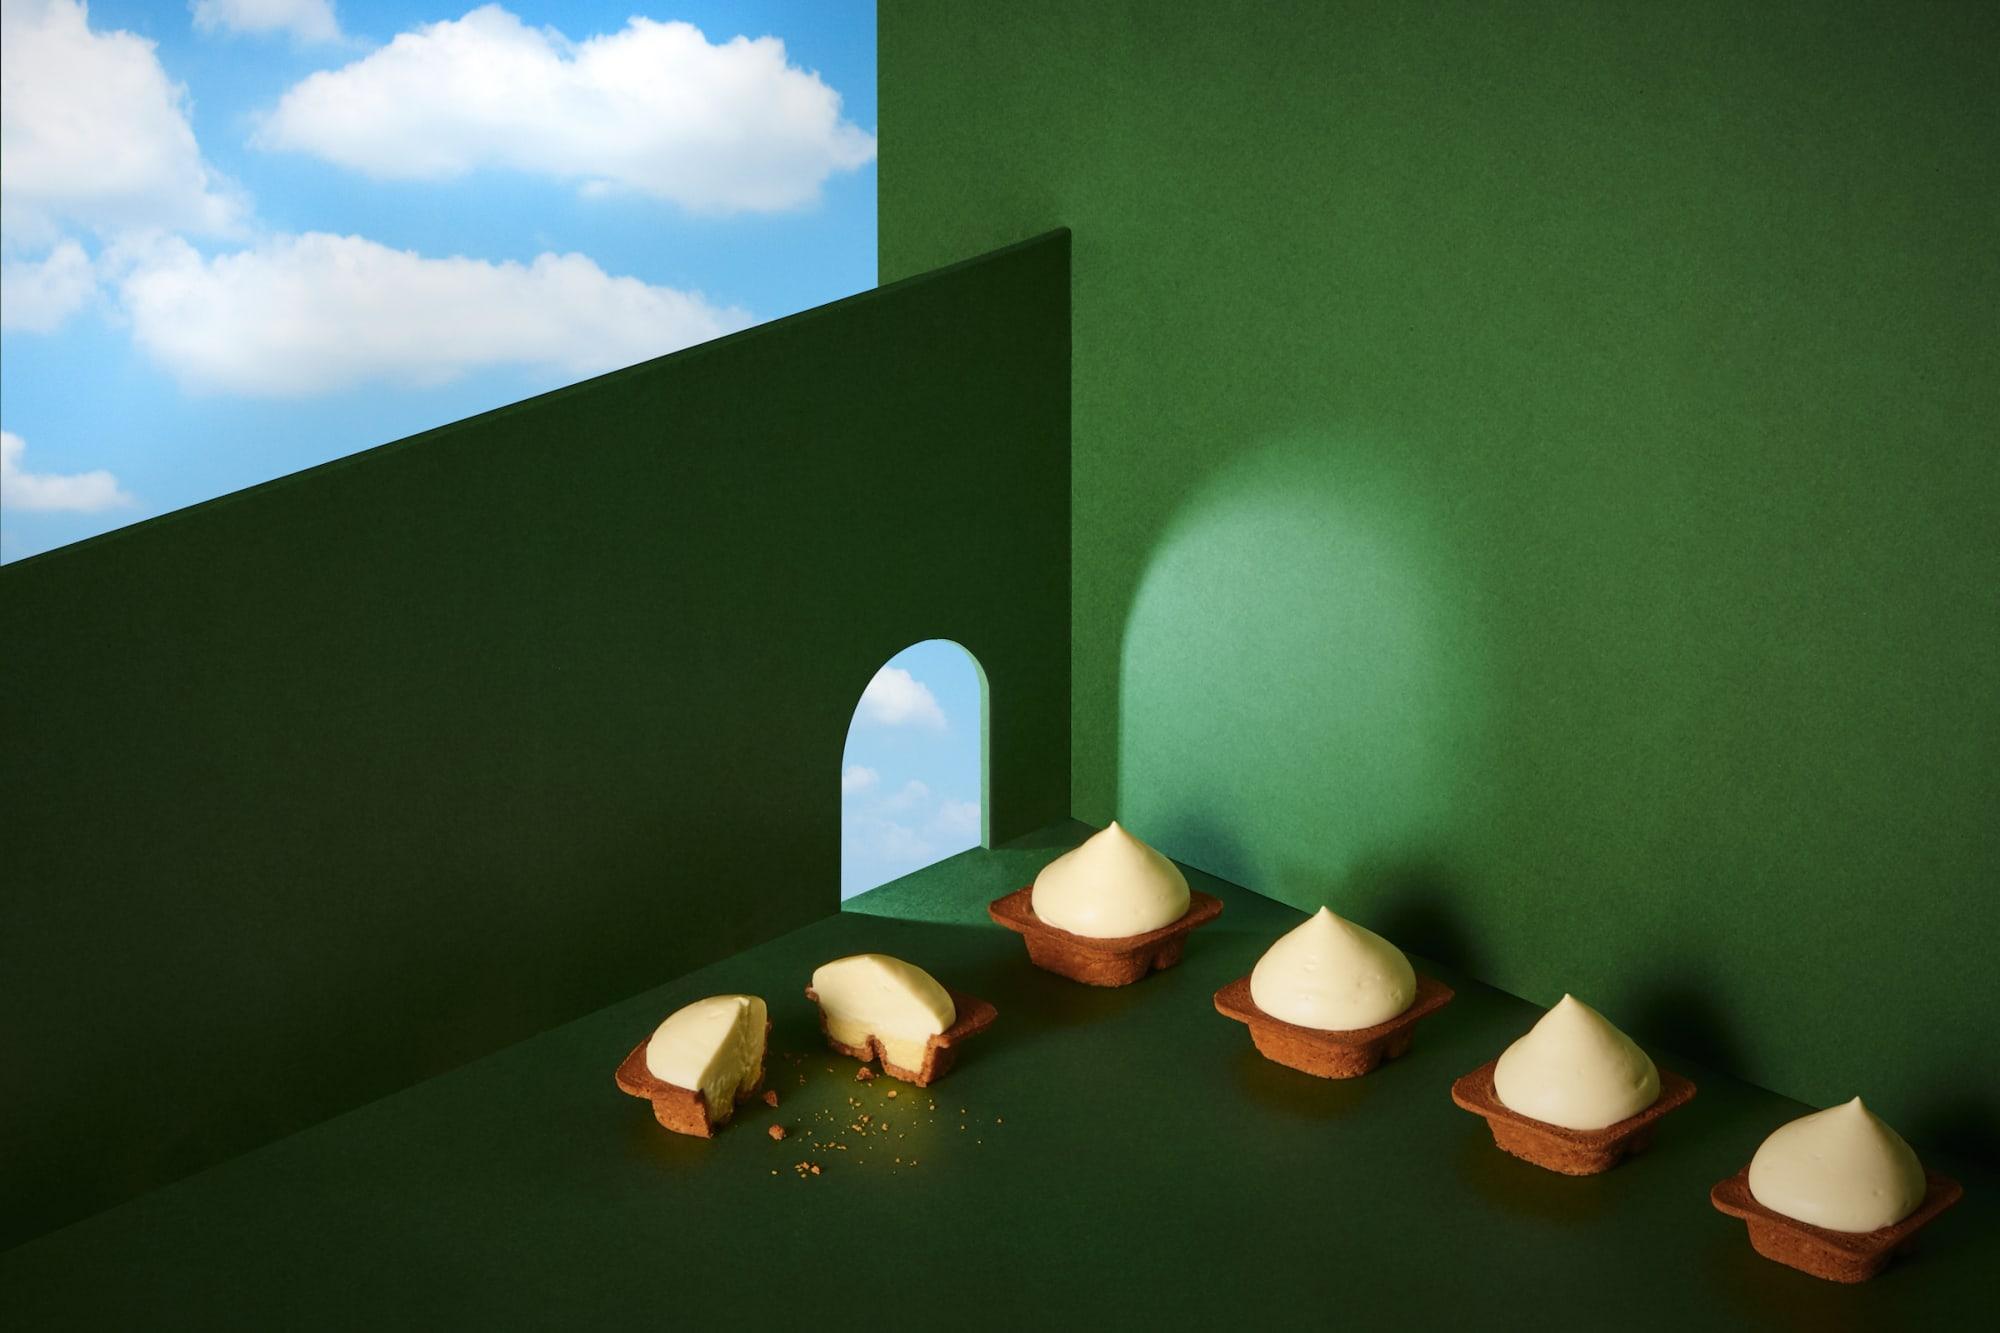 日本橋 ユートピア ユートピアの募集詳細 大阪・日本橋の風俗男性求人 メンズバニラ